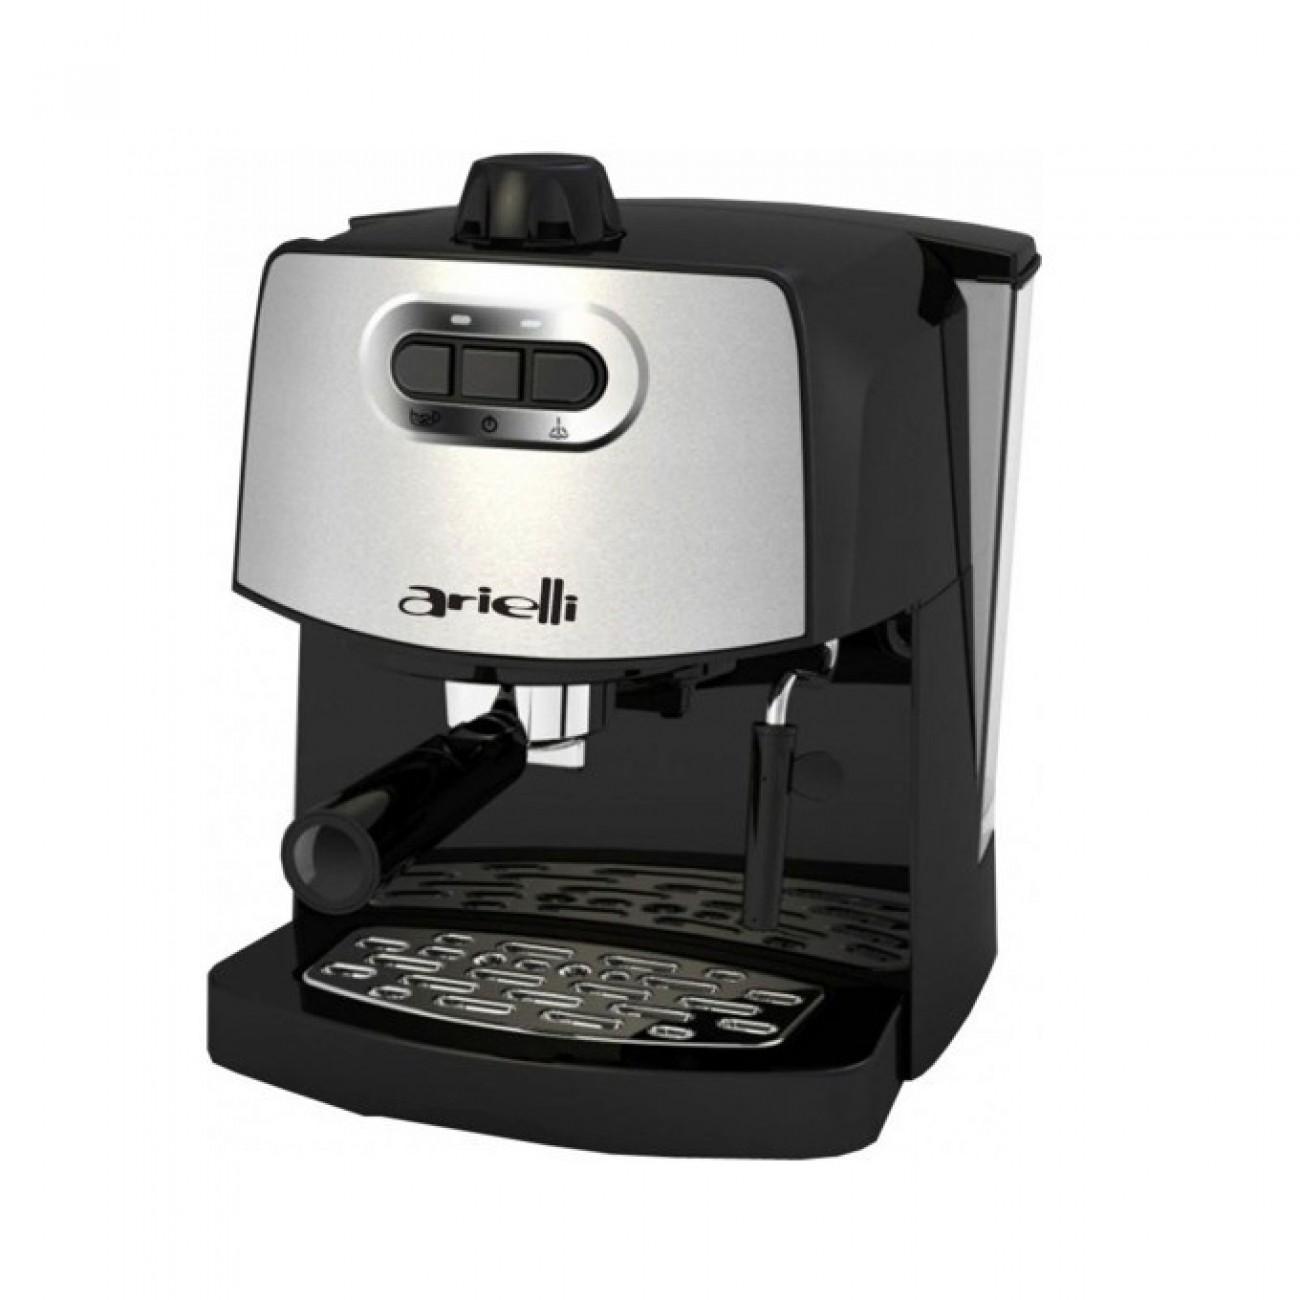 Ръчна еспресо кафемашина Arielli KM-190BS, 15 bar, 1.8 литра подвижен резервоар, крема диск, черна в Еспресо машини - Arielli | Alleop